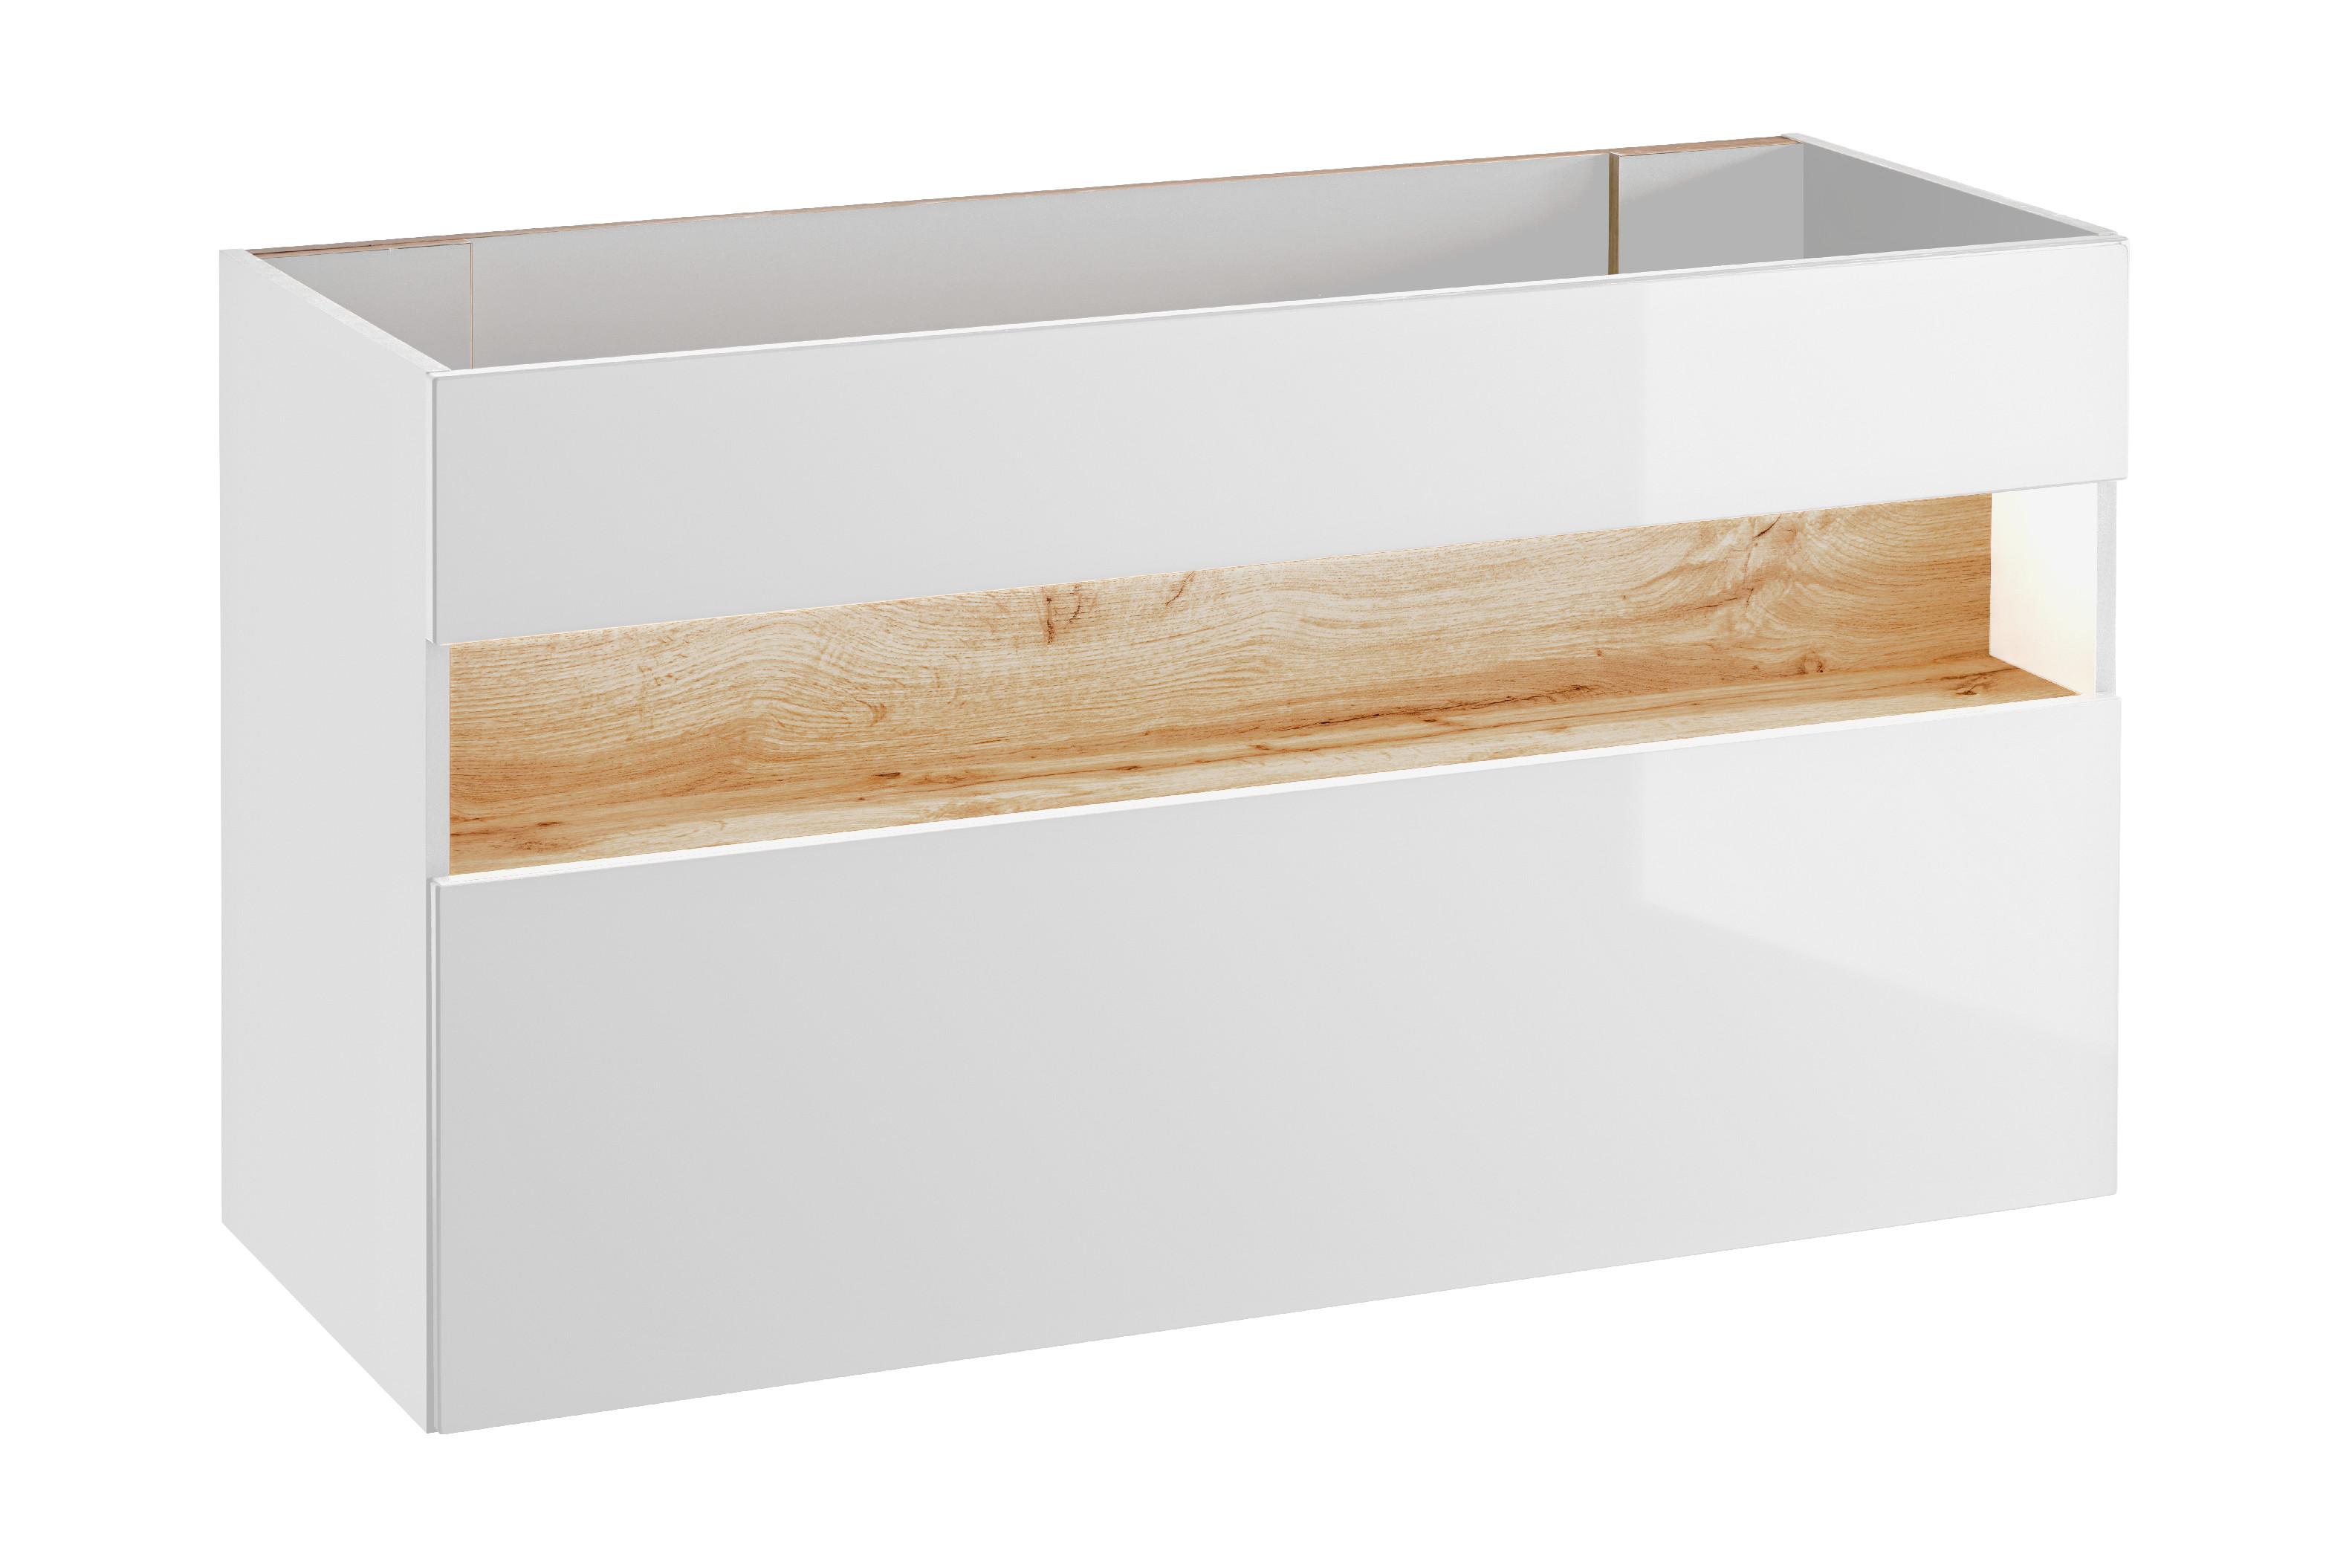 ArtCom Kúpeľňová zostava BAHAMA / white Bahama: skrinka pod umývadlo 120 cm - 854   68 x 120 x 46 cm